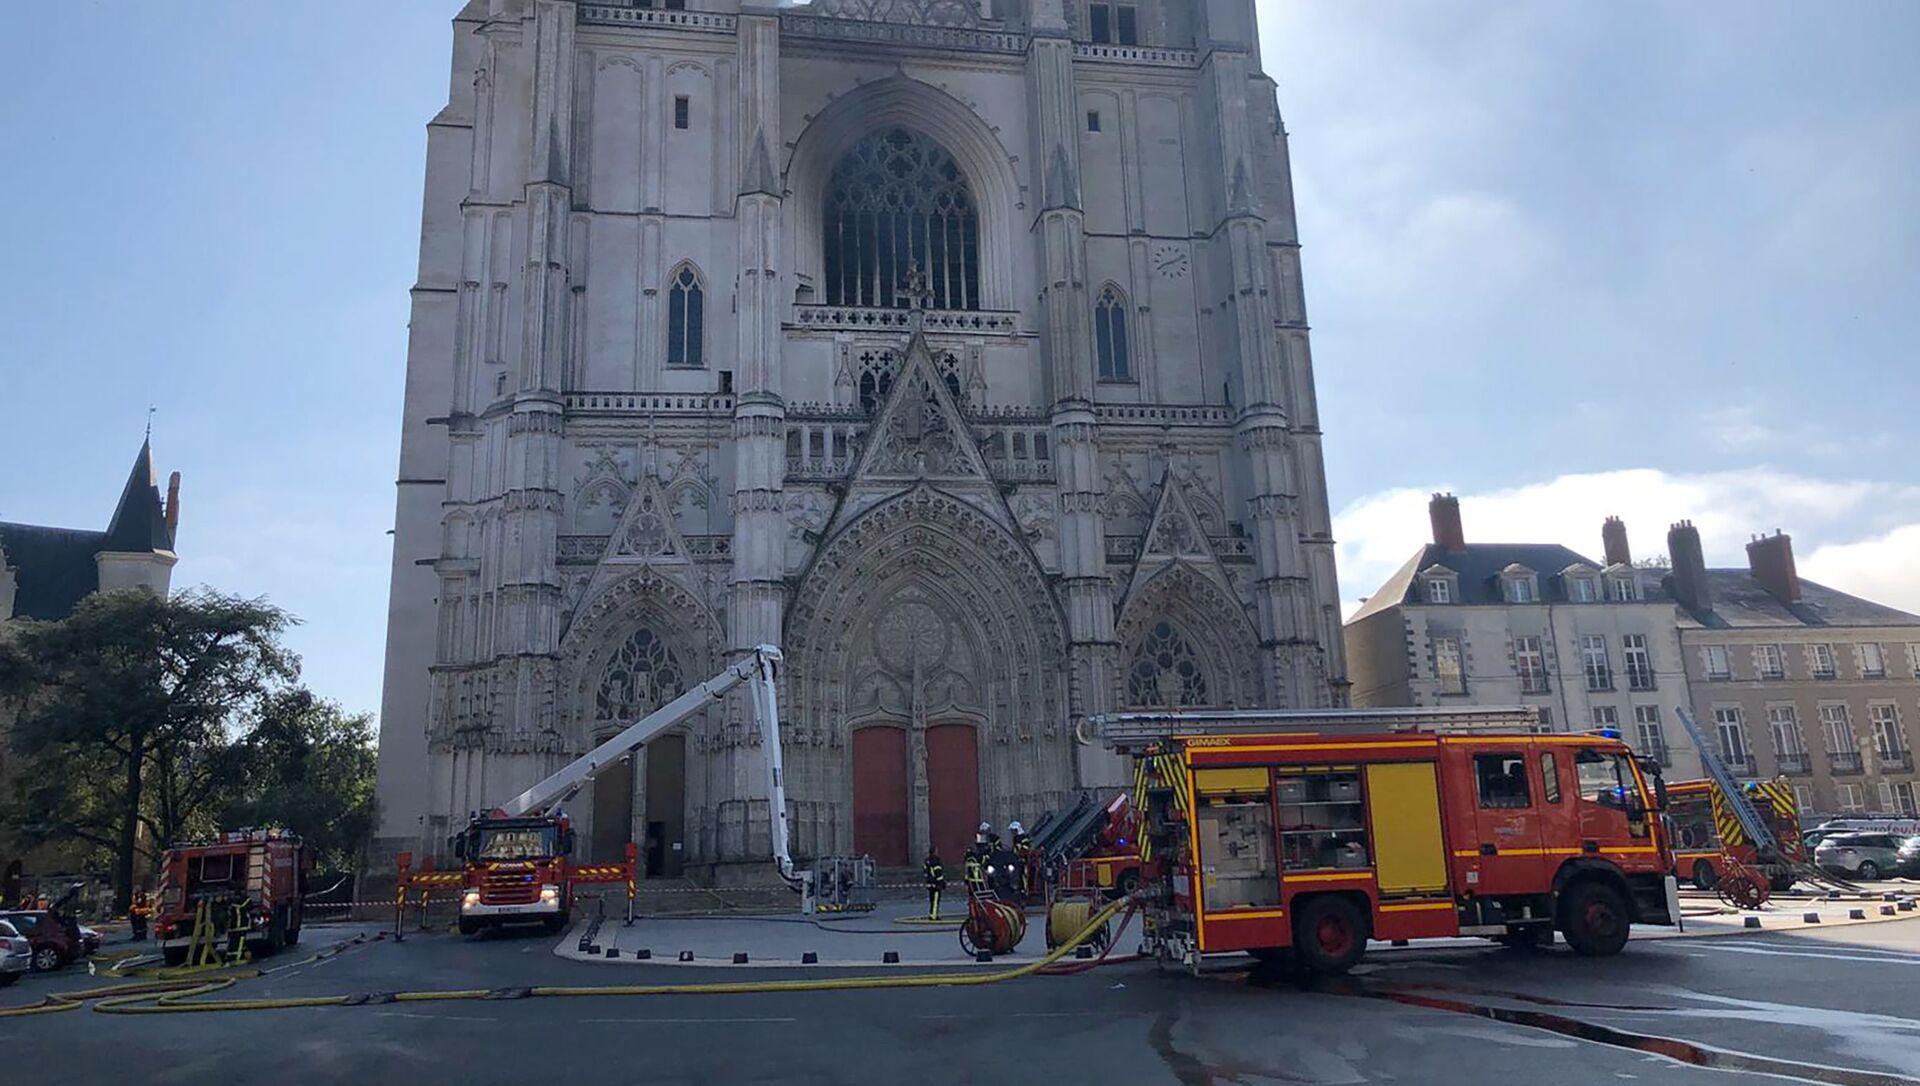 Incendie à la cathédrale de Saint-Pierre-et-Saint-Paul de Nantes, 18 juillet 2020 - Sputnik France, 1920, 09.08.2021